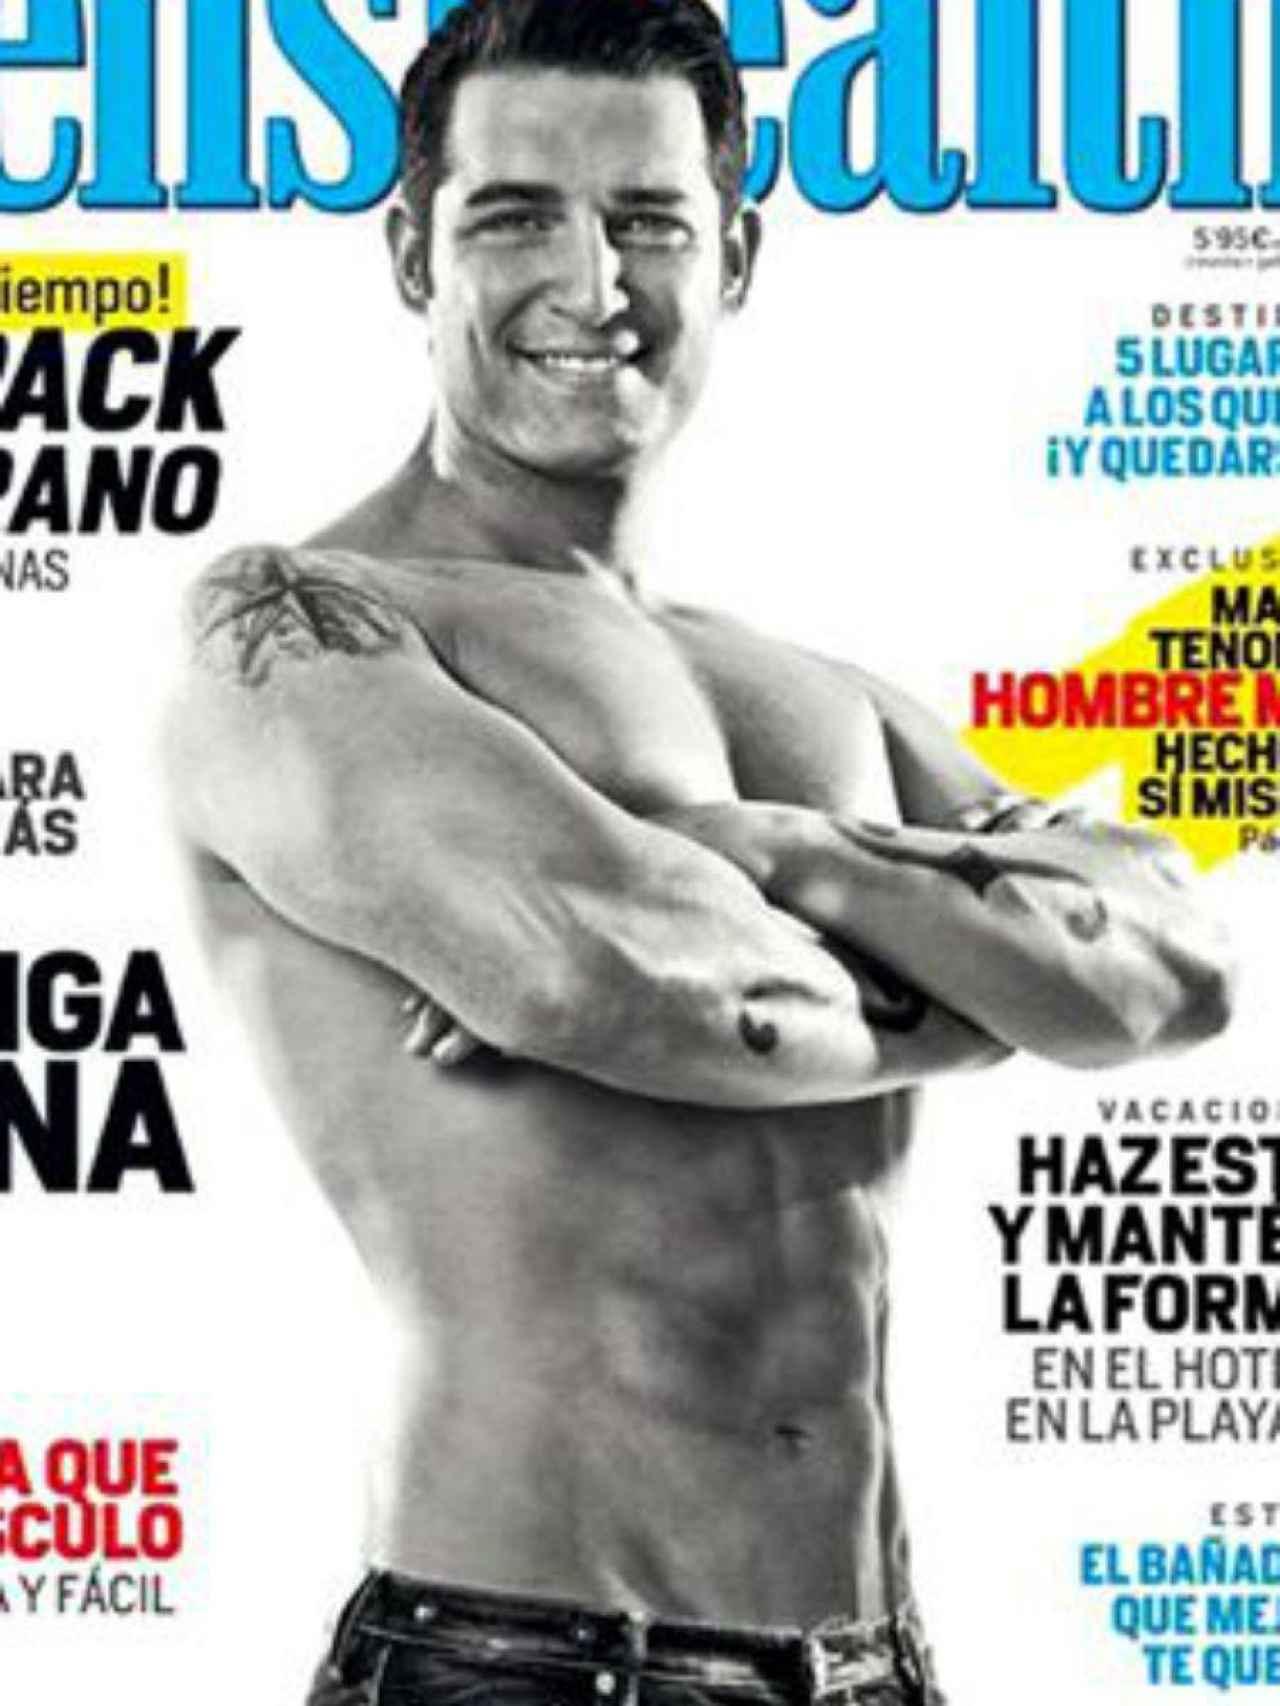 Manu Tenorio muestra sus músculos